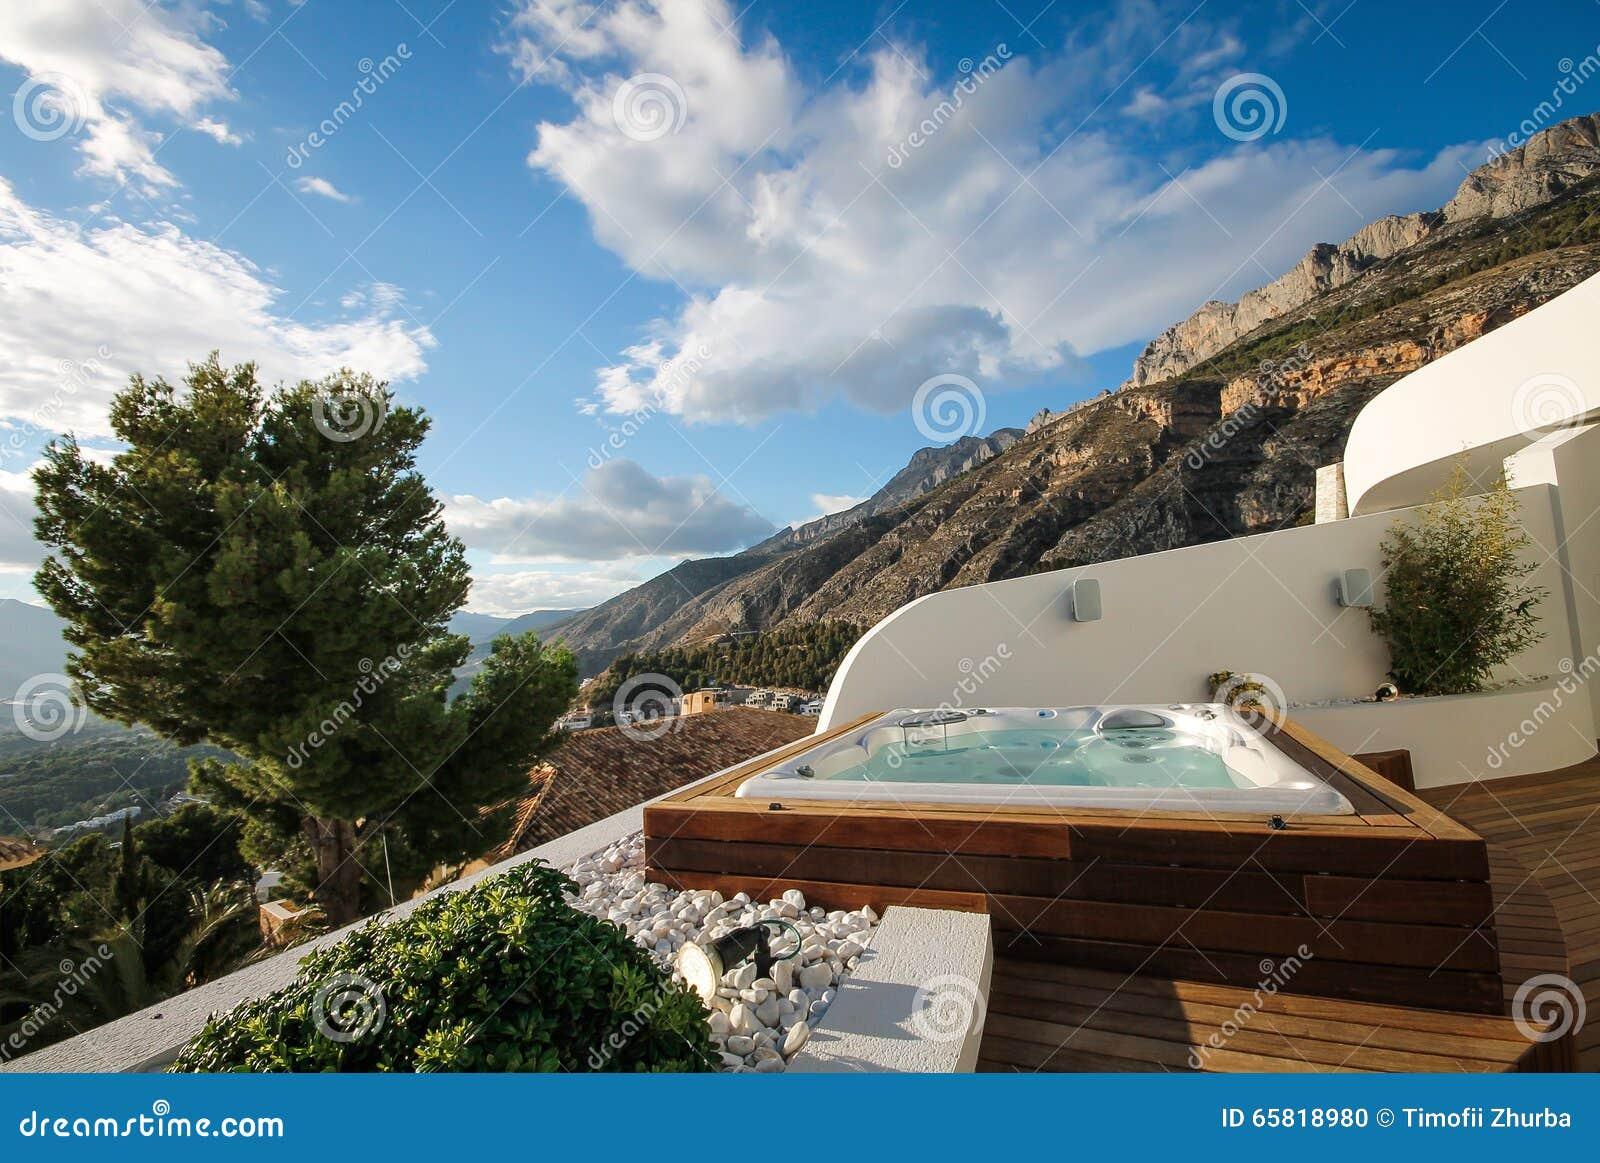 Jacuzzi Auf Der Terrasse Im Freien Mit Panoramablicken In Den Altea